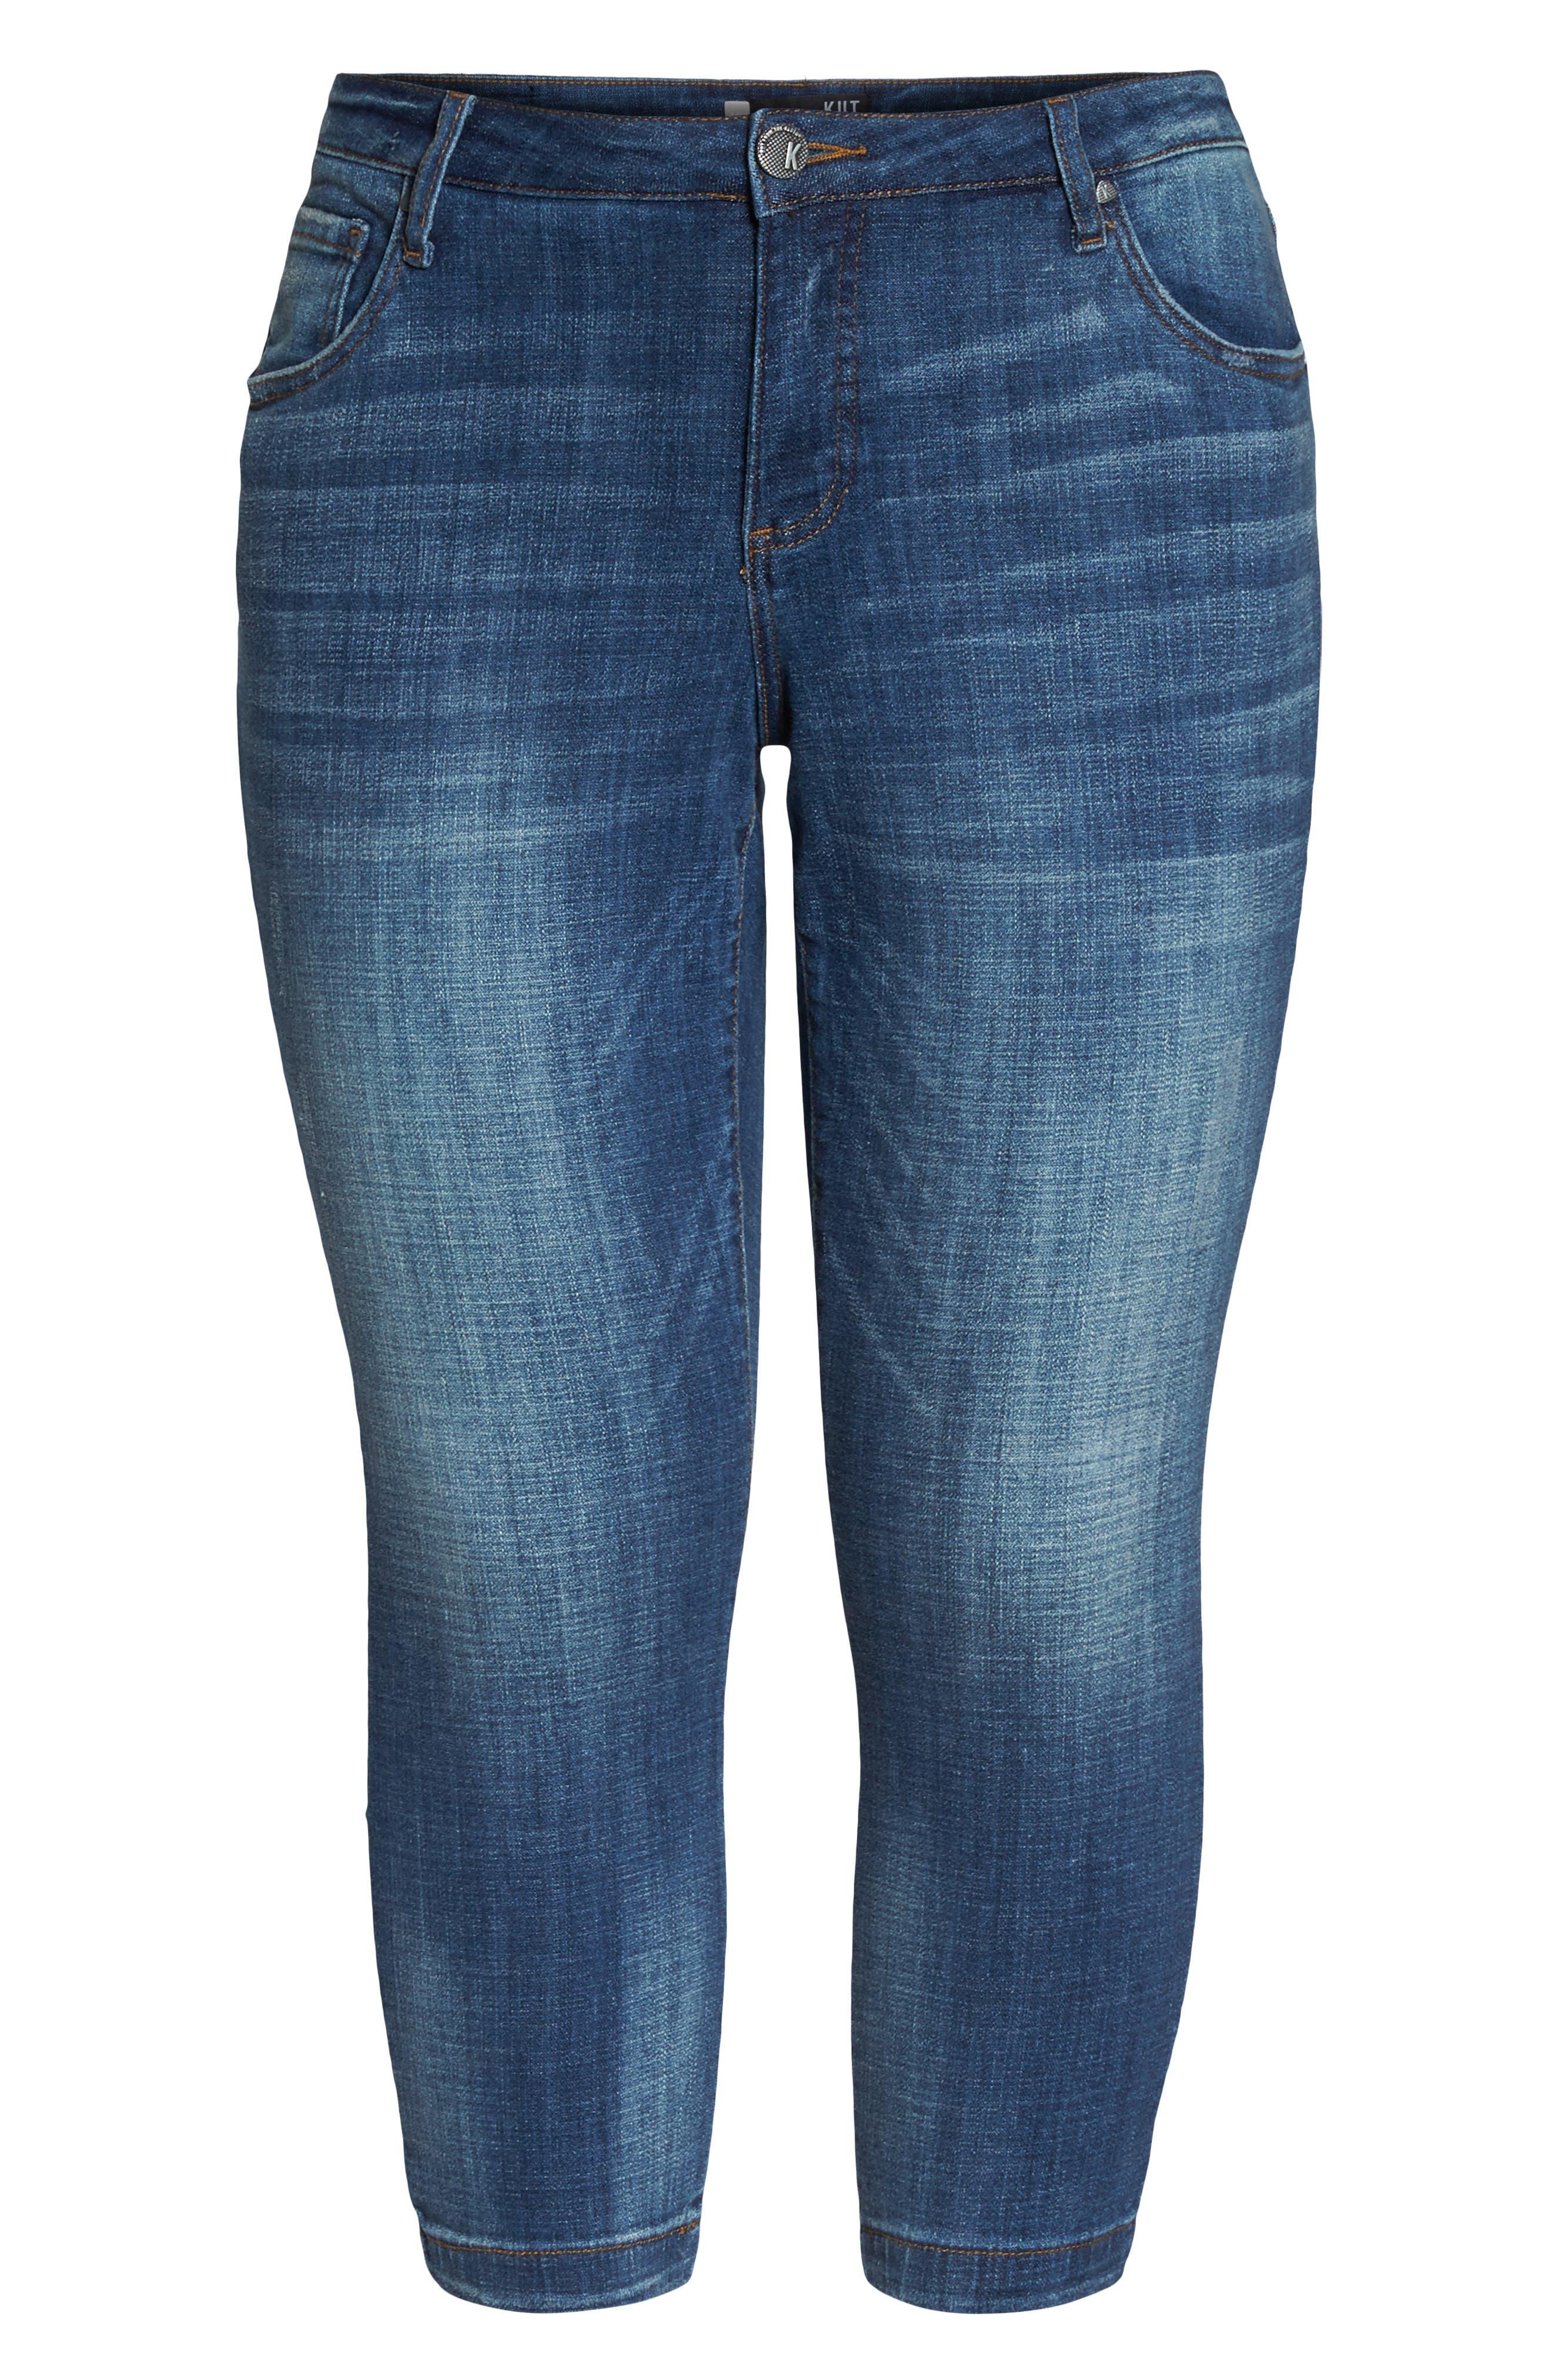 Lauren Crop Jeans,                             Alternate thumbnail 6, color,                             Entrusted